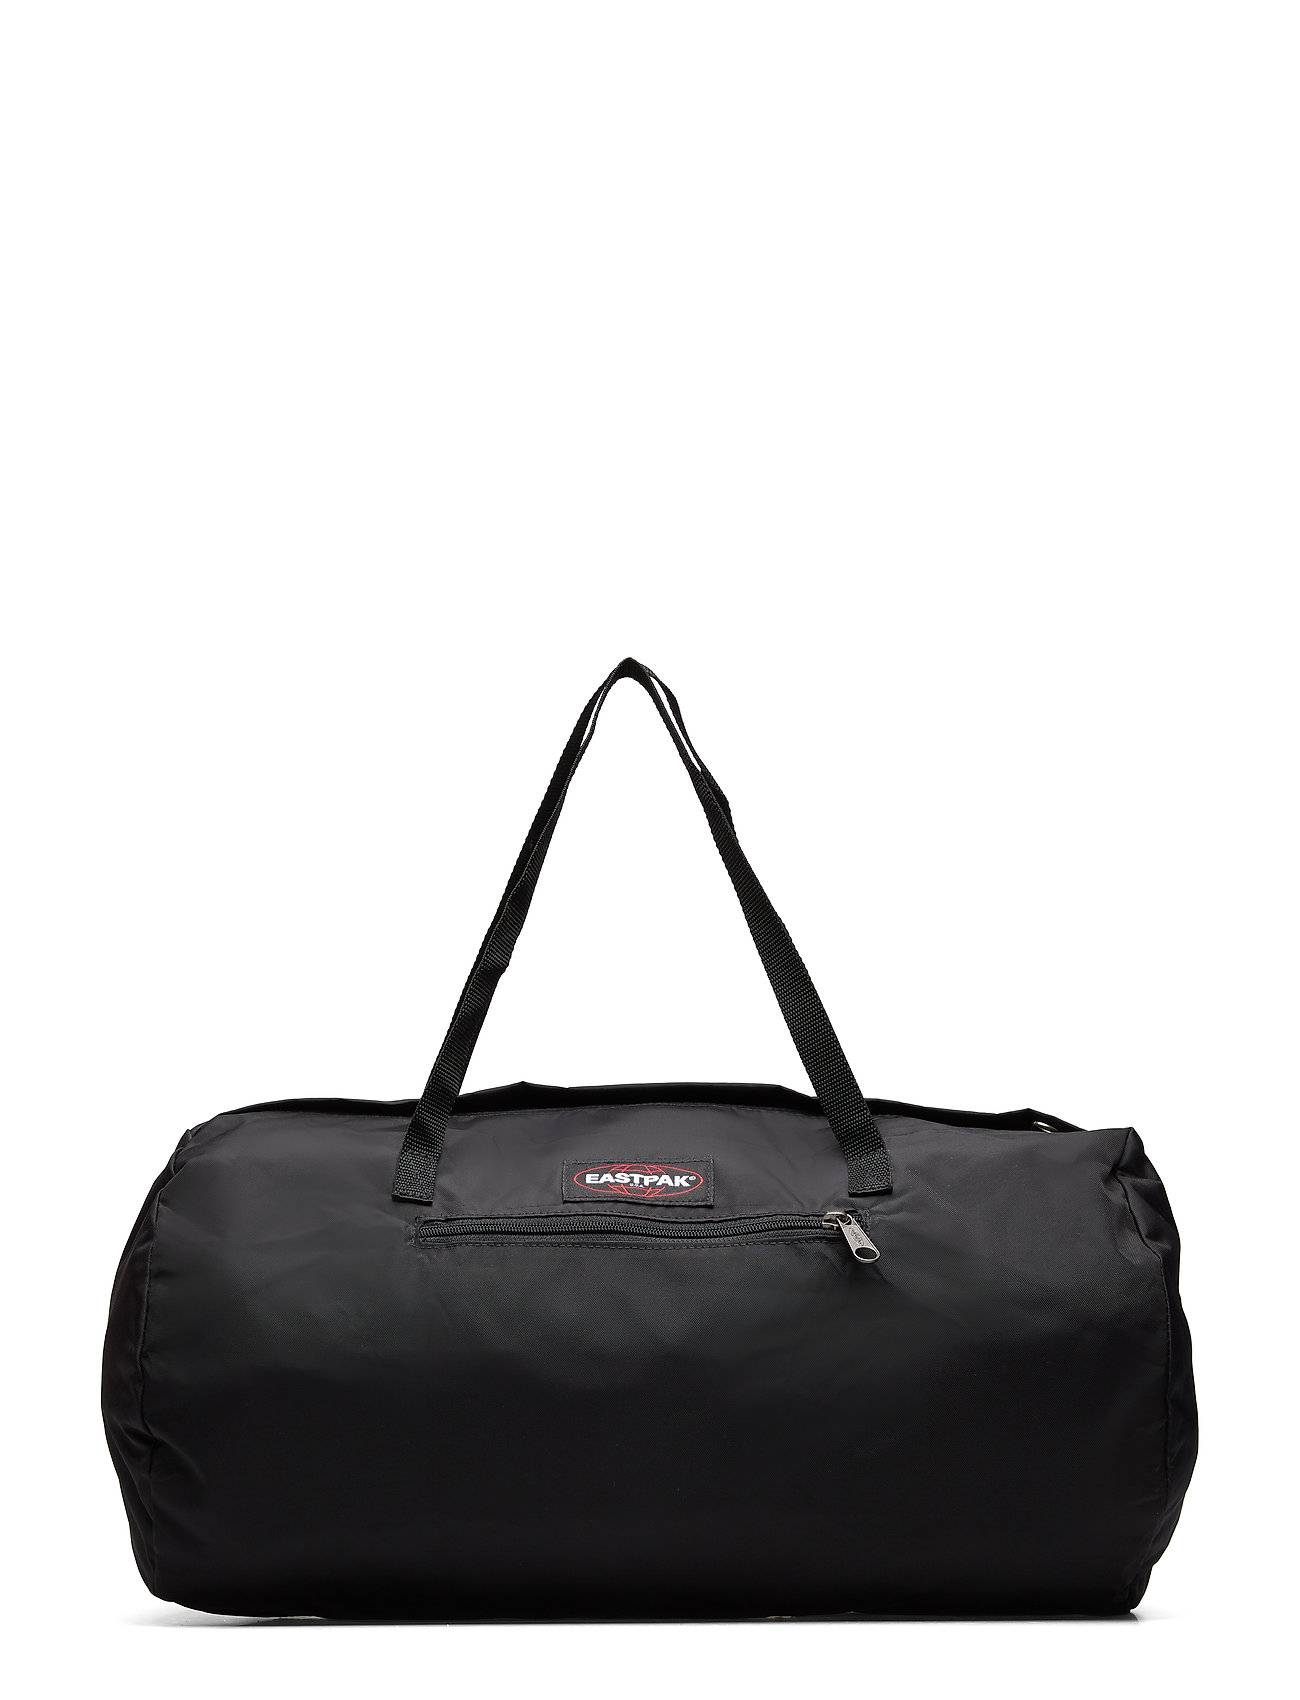 Image of Eastpak Renana Instant Bags Weekend & Gym Bags Musta Eastpak